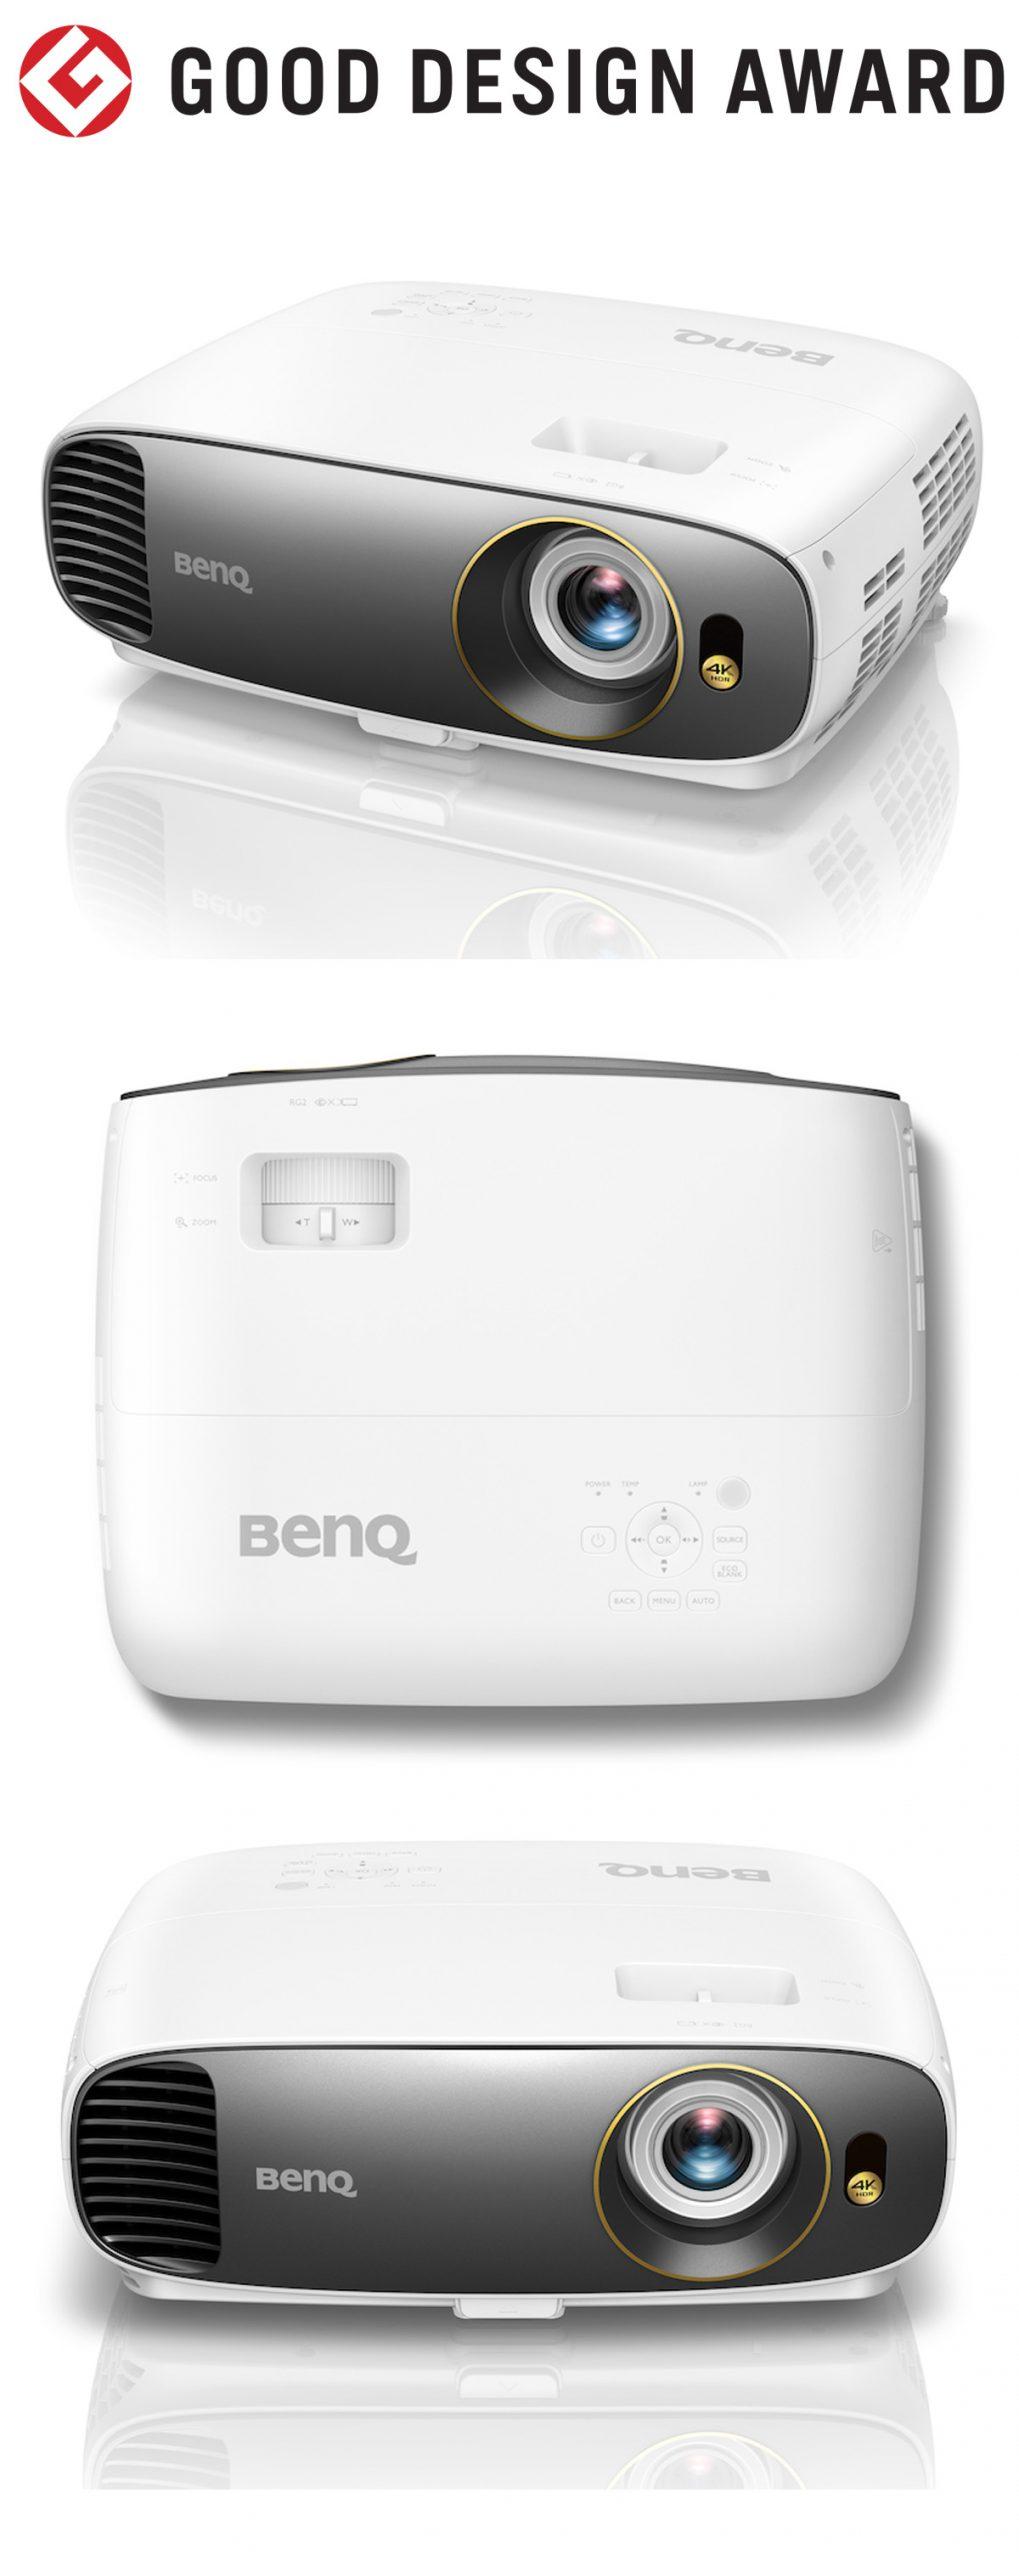 【日本】明基BenQ W1700 4KHDR家用投影机获颁2018年度G-Mark设计大奖(GOOD DESIGN AWARD 2018)